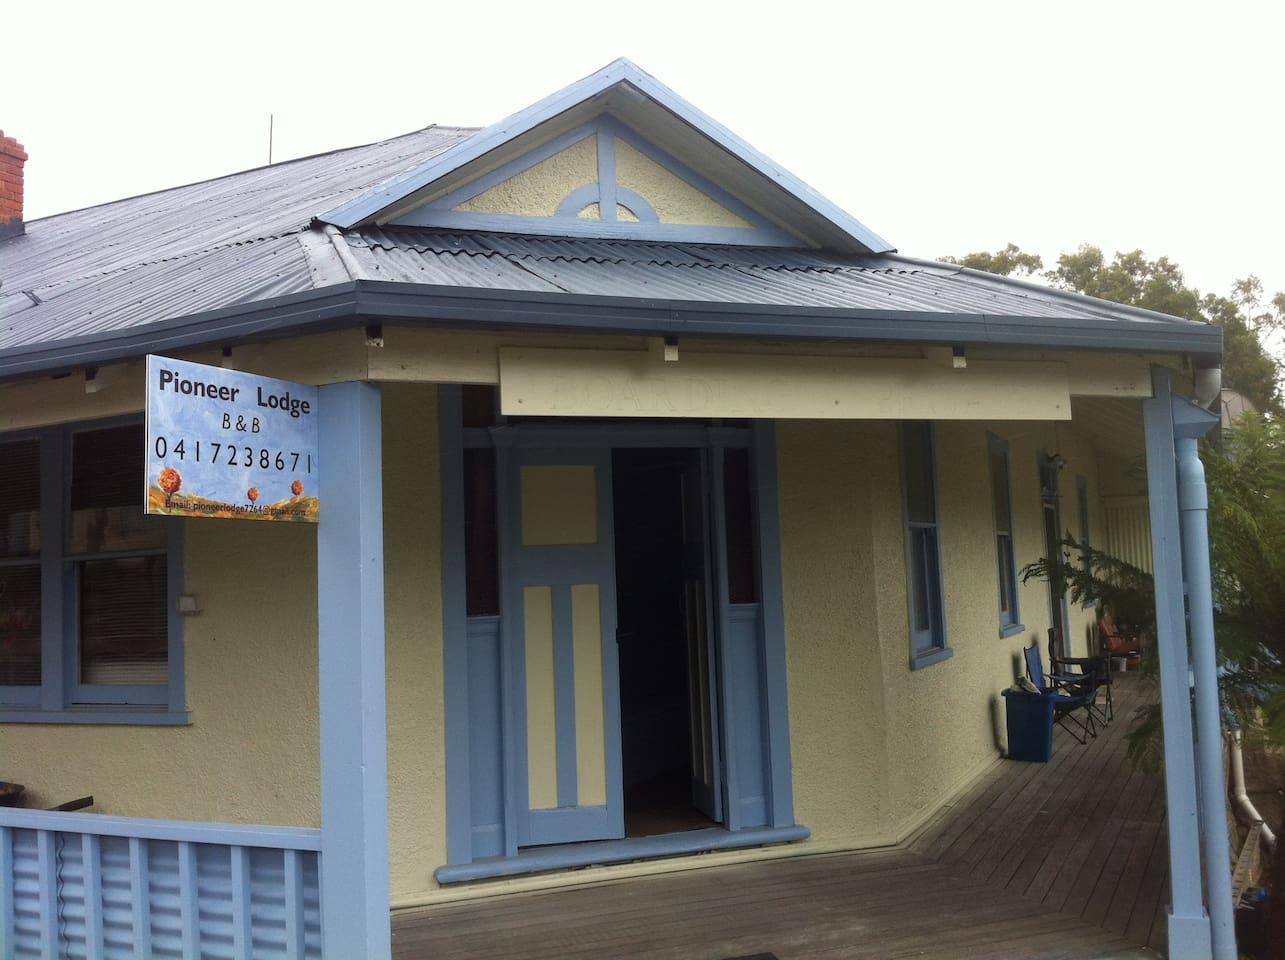 This is Pioneer Lodge 45 Main Rd Pioneer Tasmania